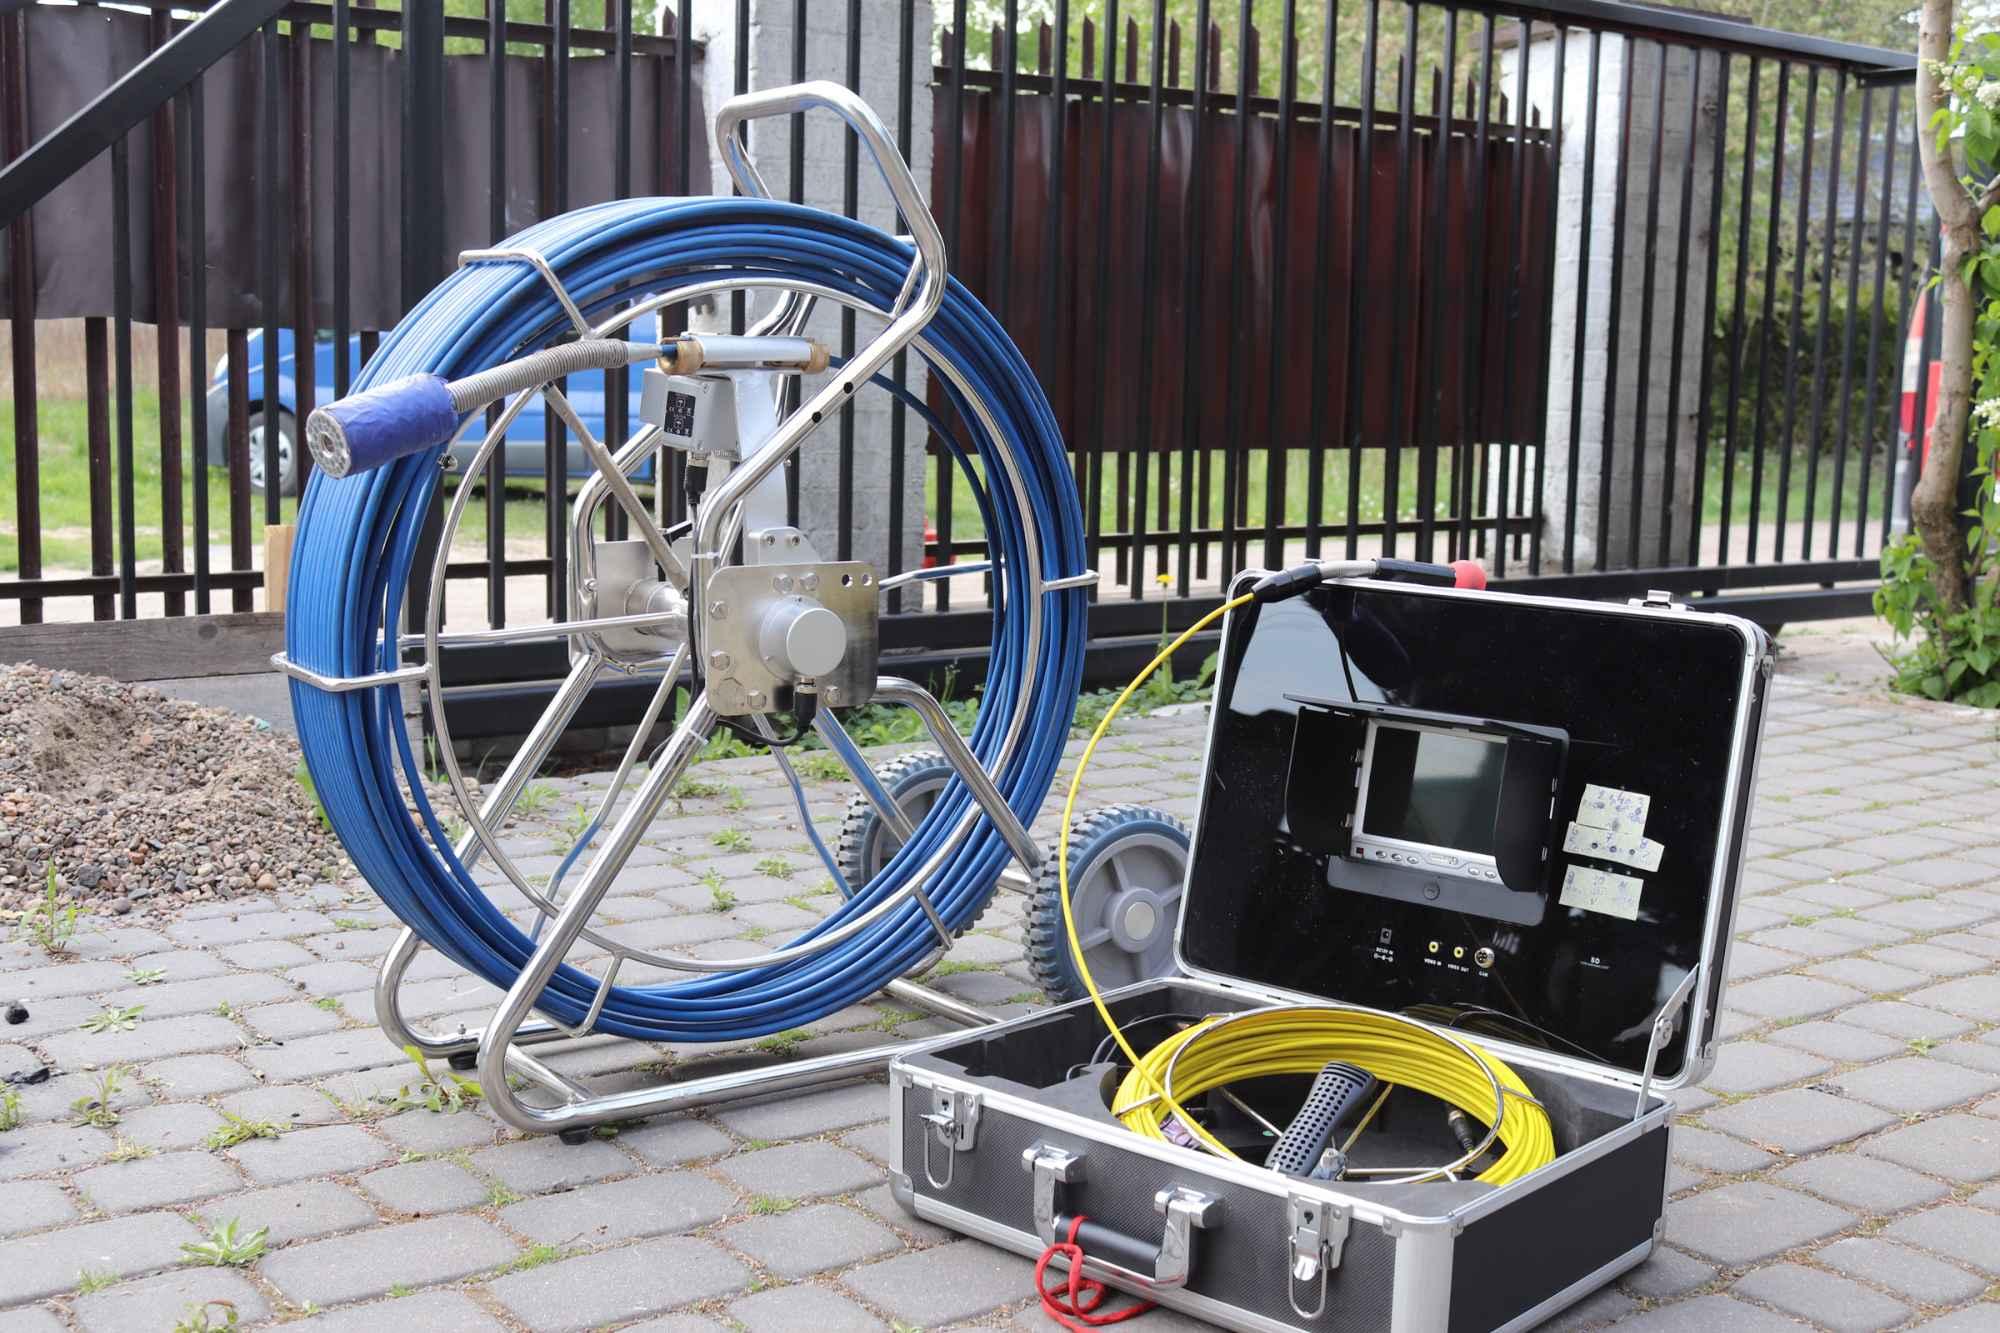 udrażnianie rur kanalizacji domowej i przemysłowej skutecznie787342182 Wesoła - zdjęcie 9